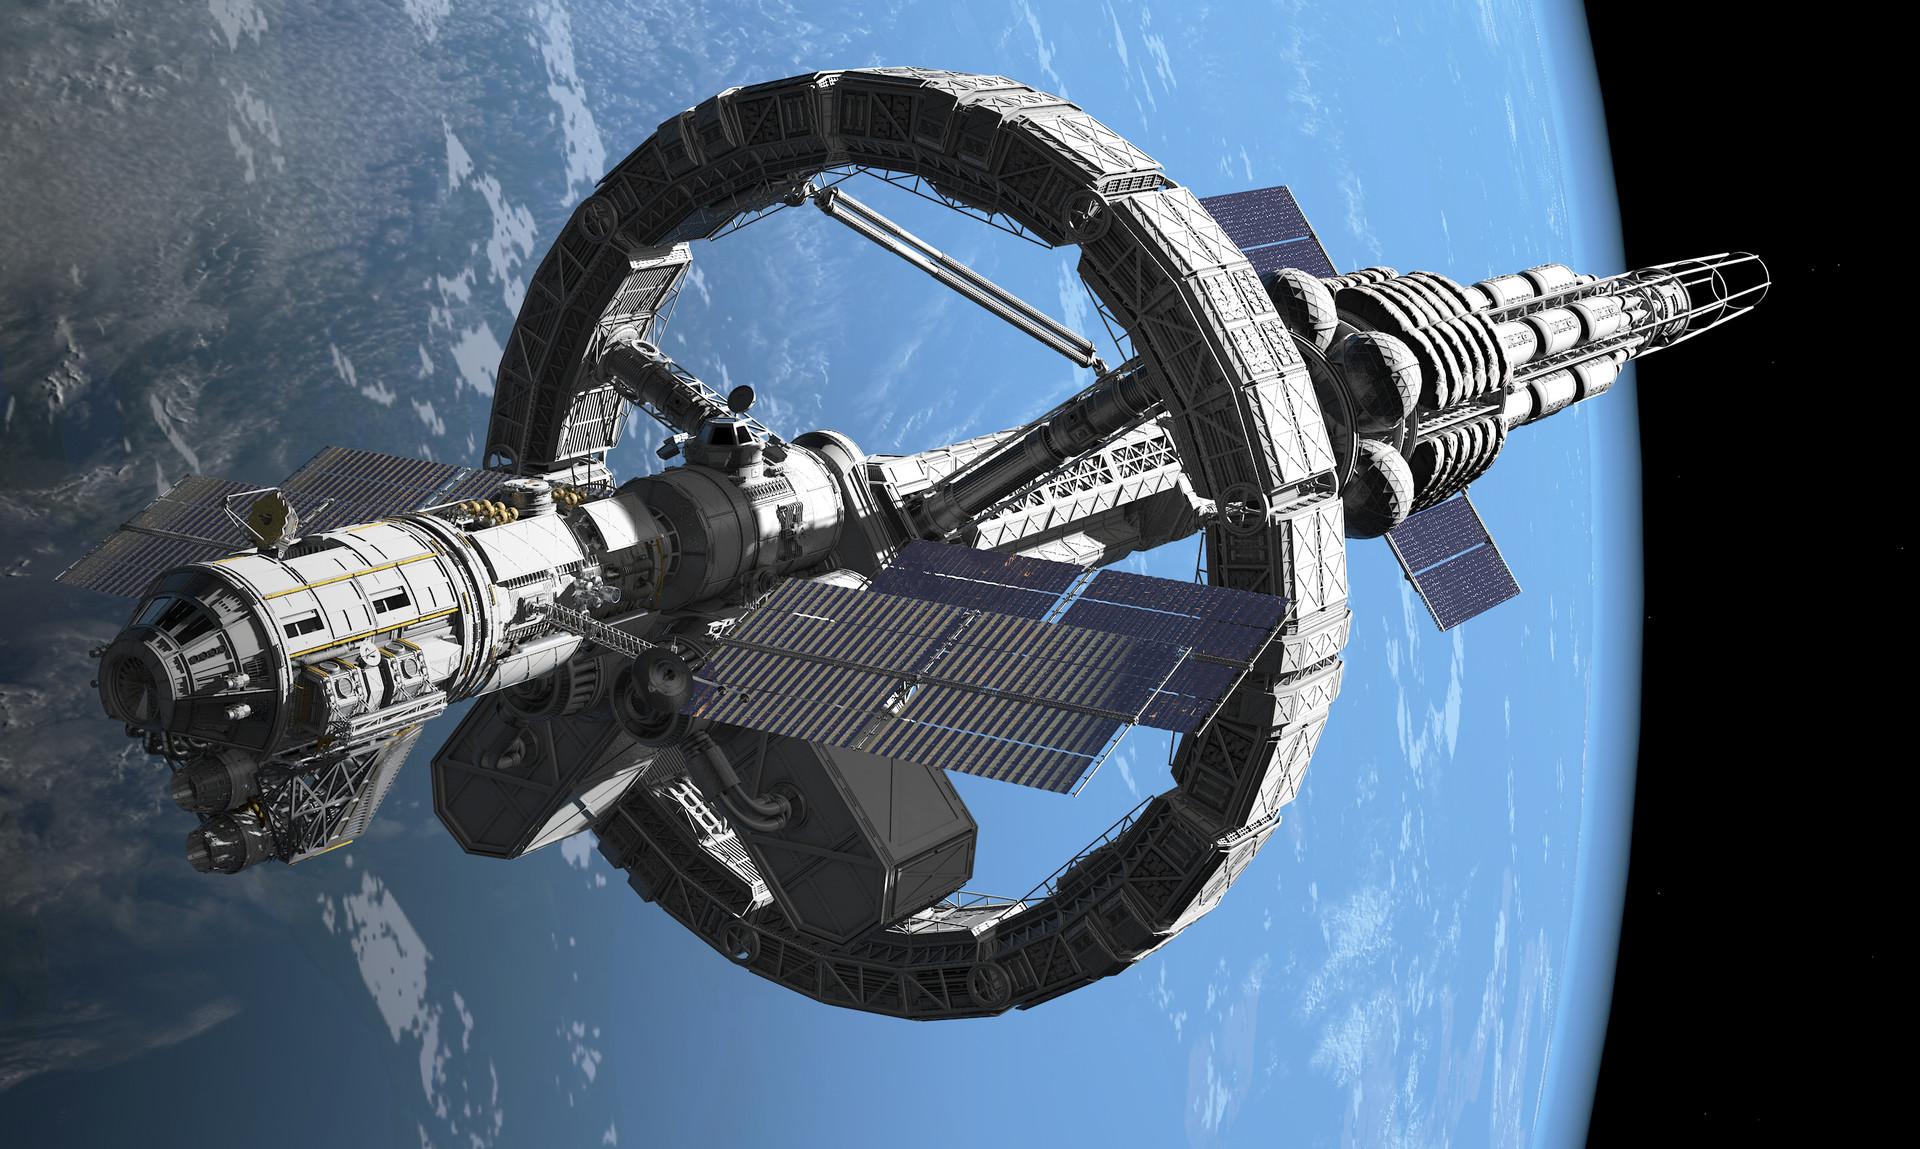 Felix Barthel Interstellar Spaceship